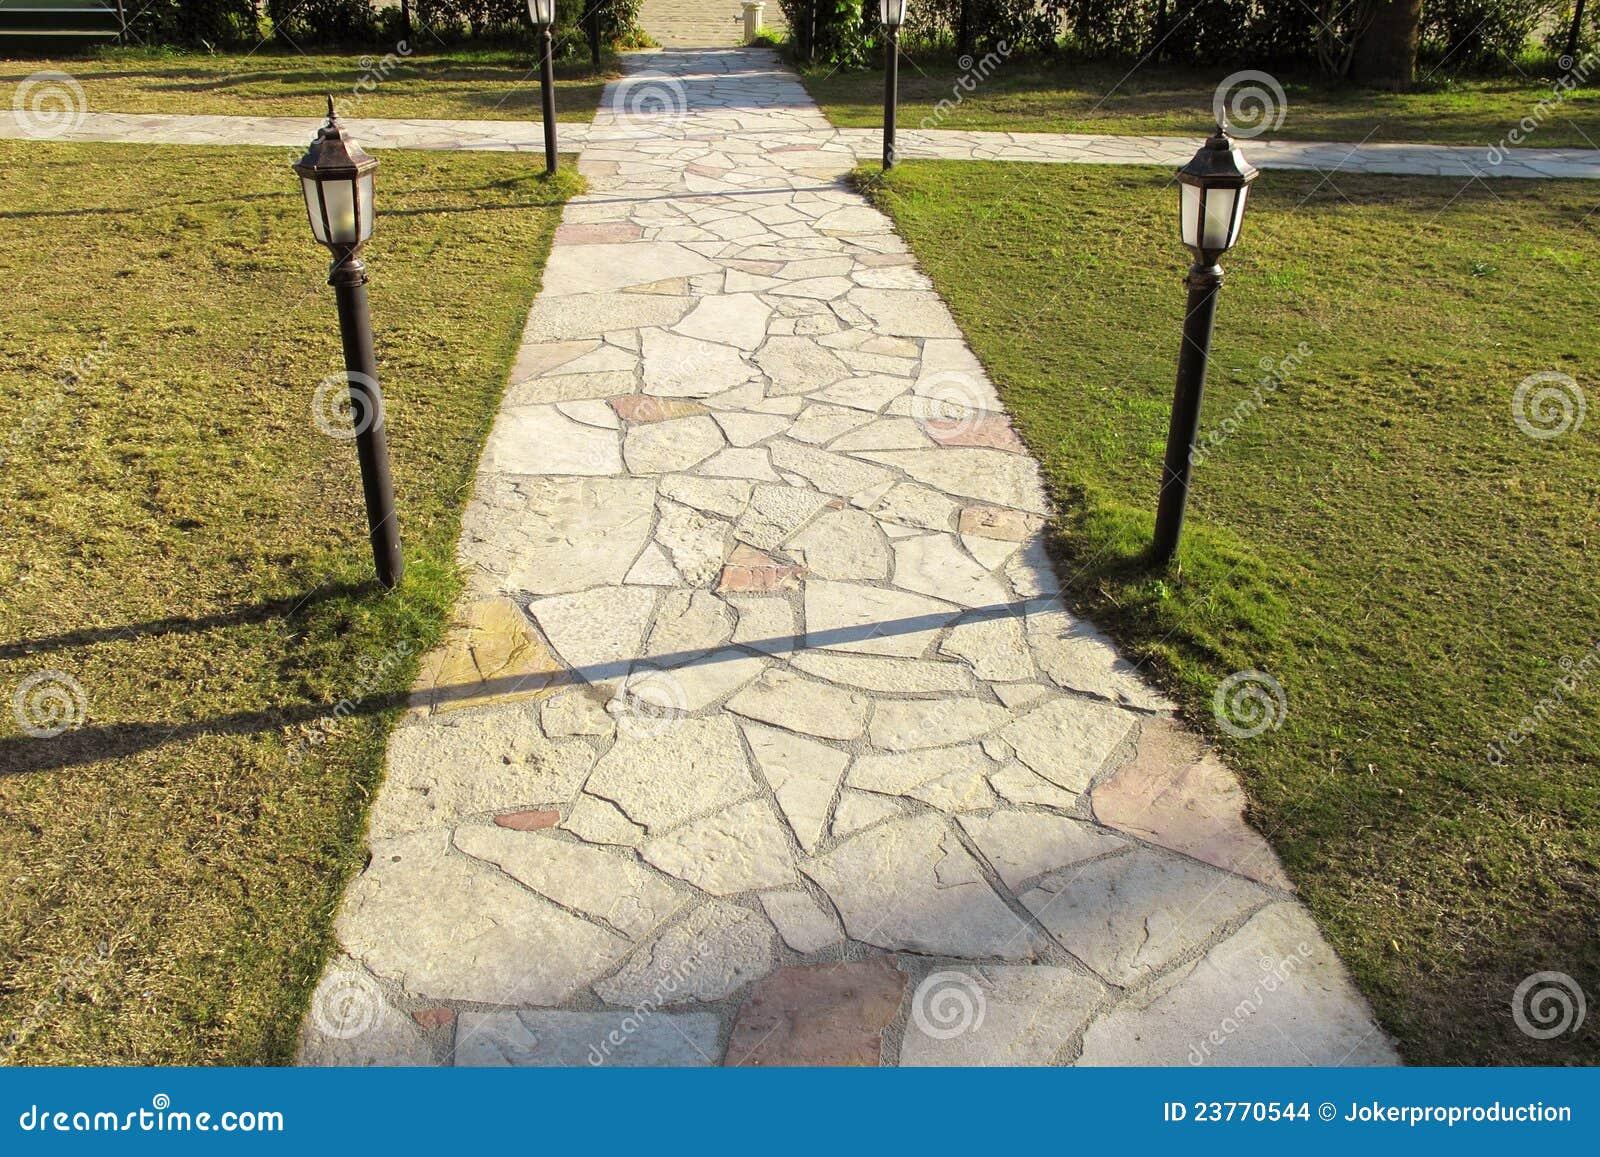 Lapidi la pavimentazione in giardino fotografia stock - Pavimentazione giardino ...